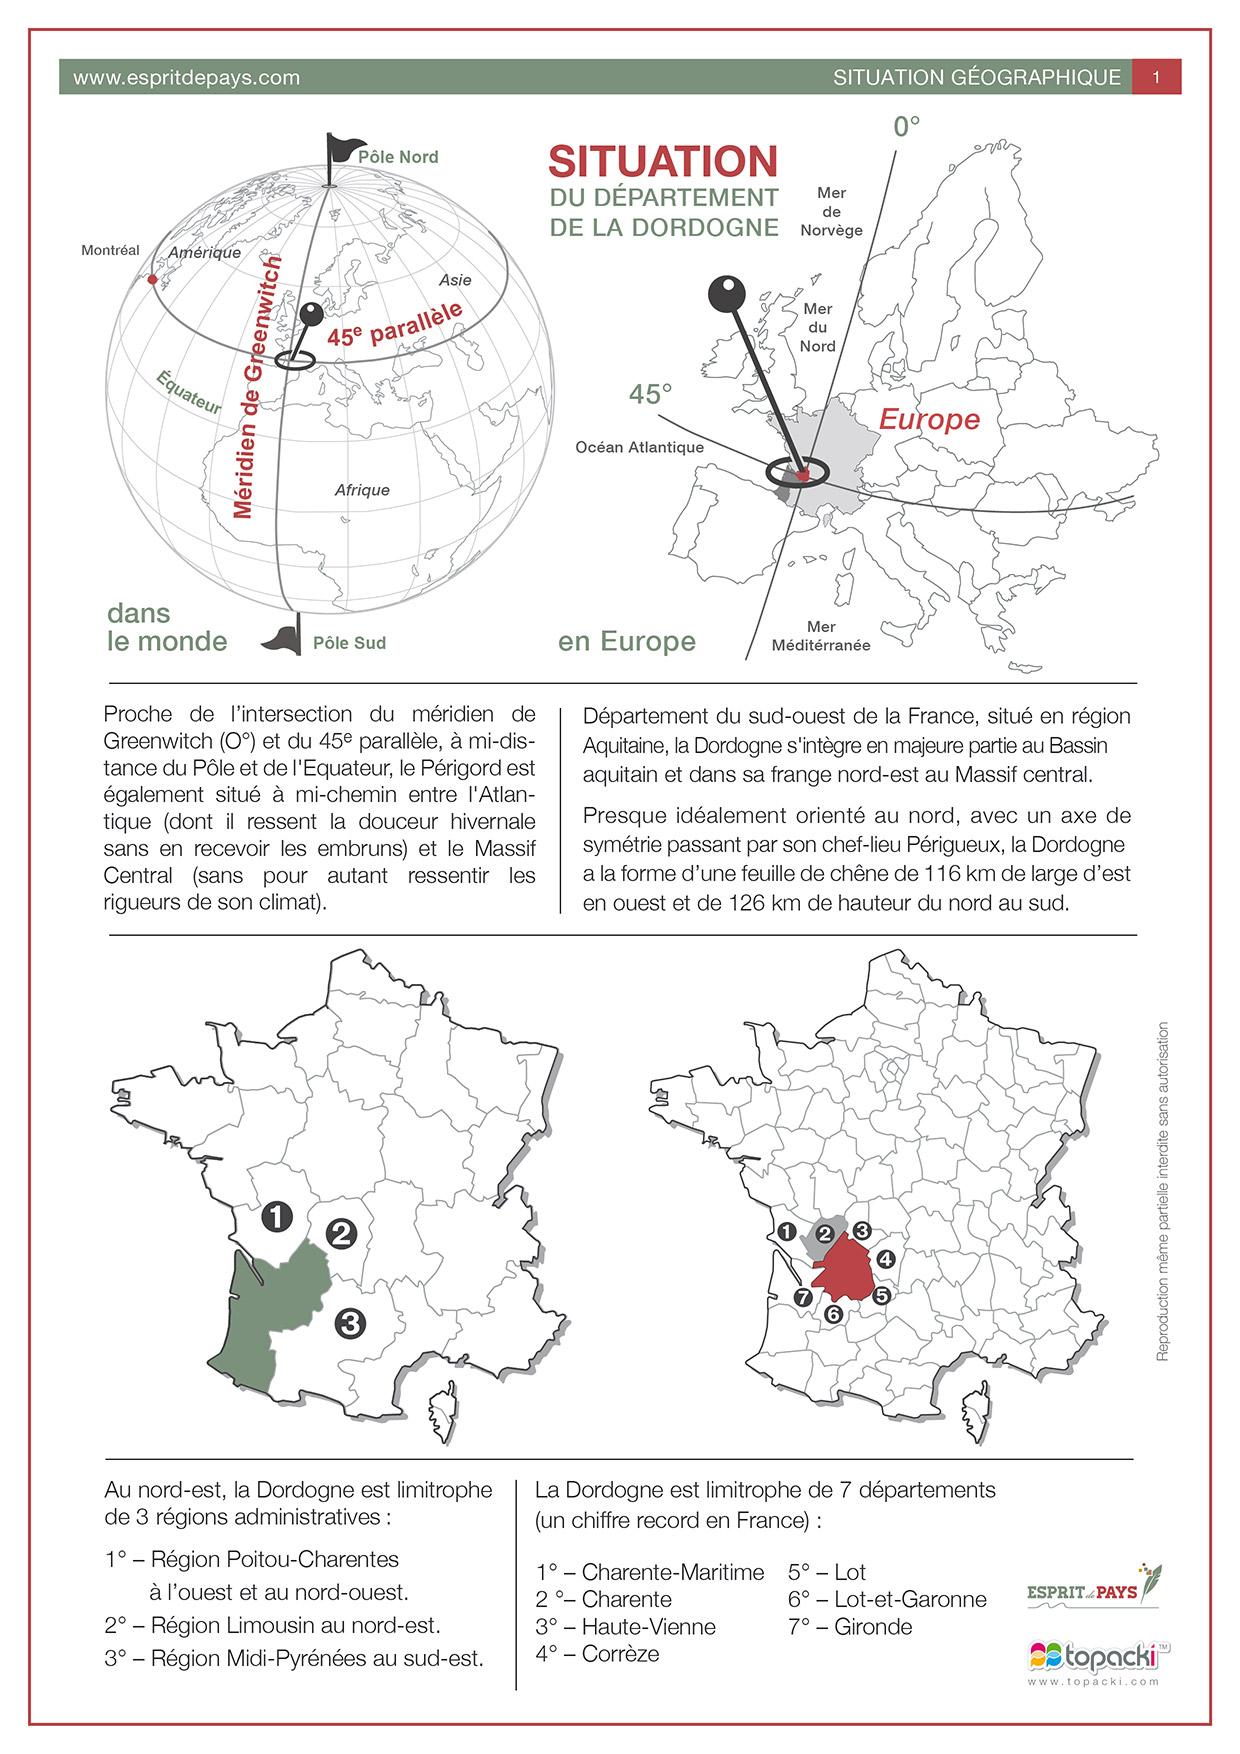 Cartographie : situation du département de la Dordogne